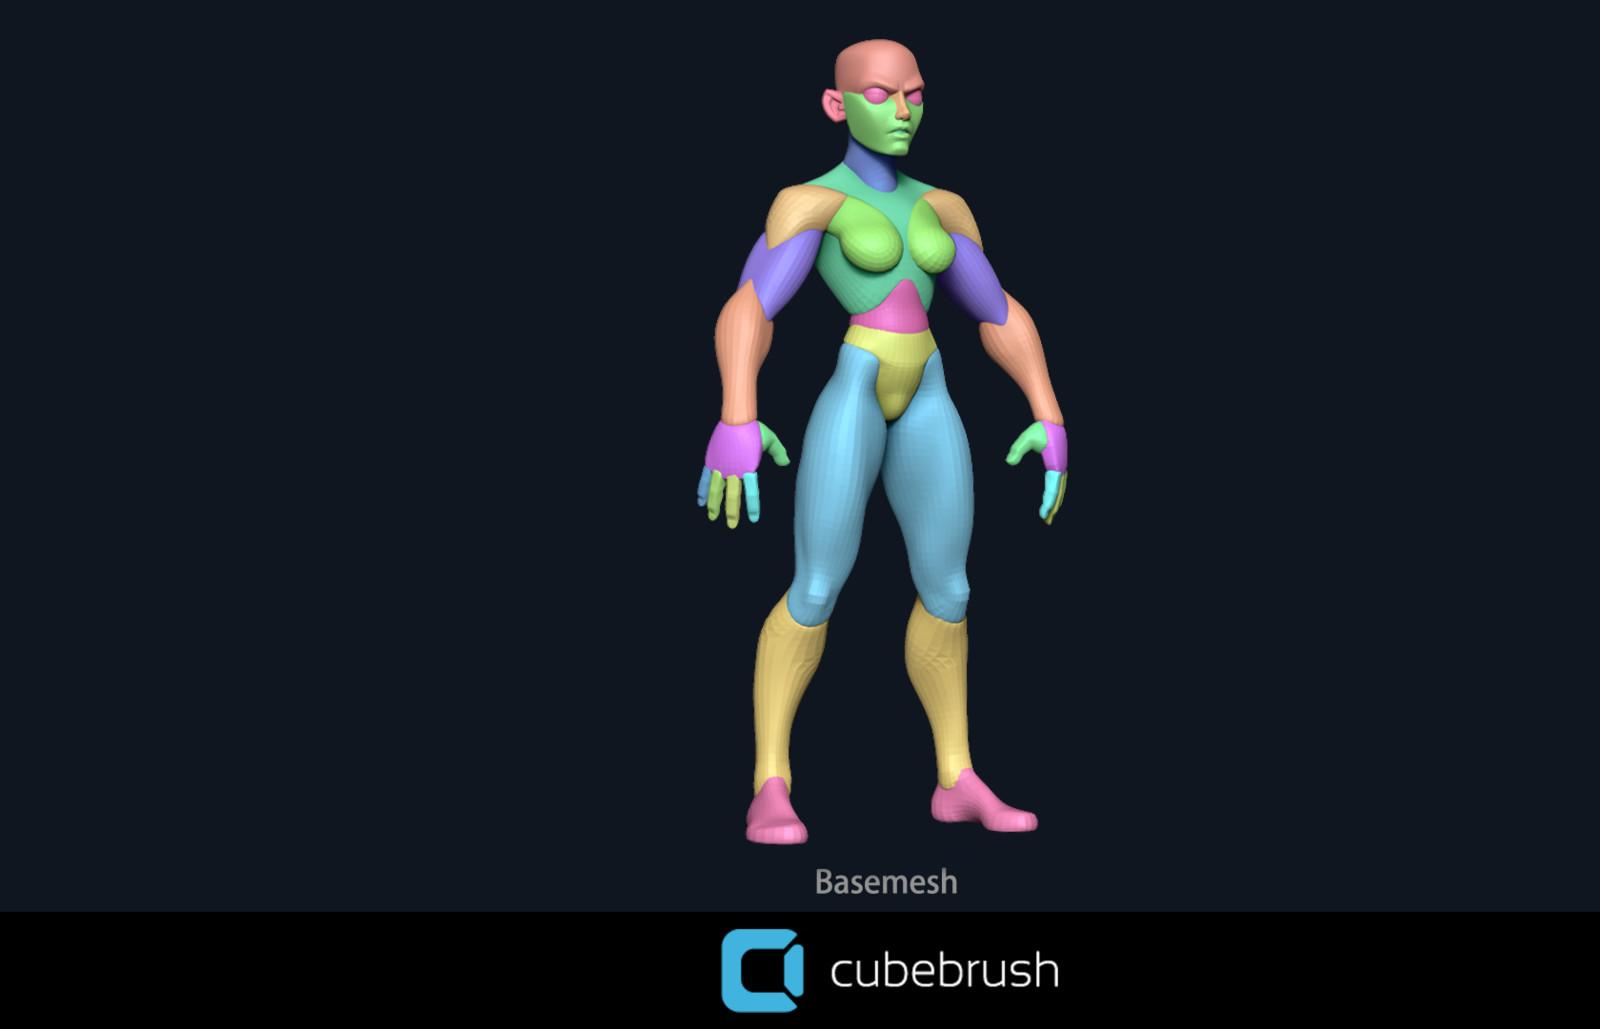 Stylized Body Basemesh